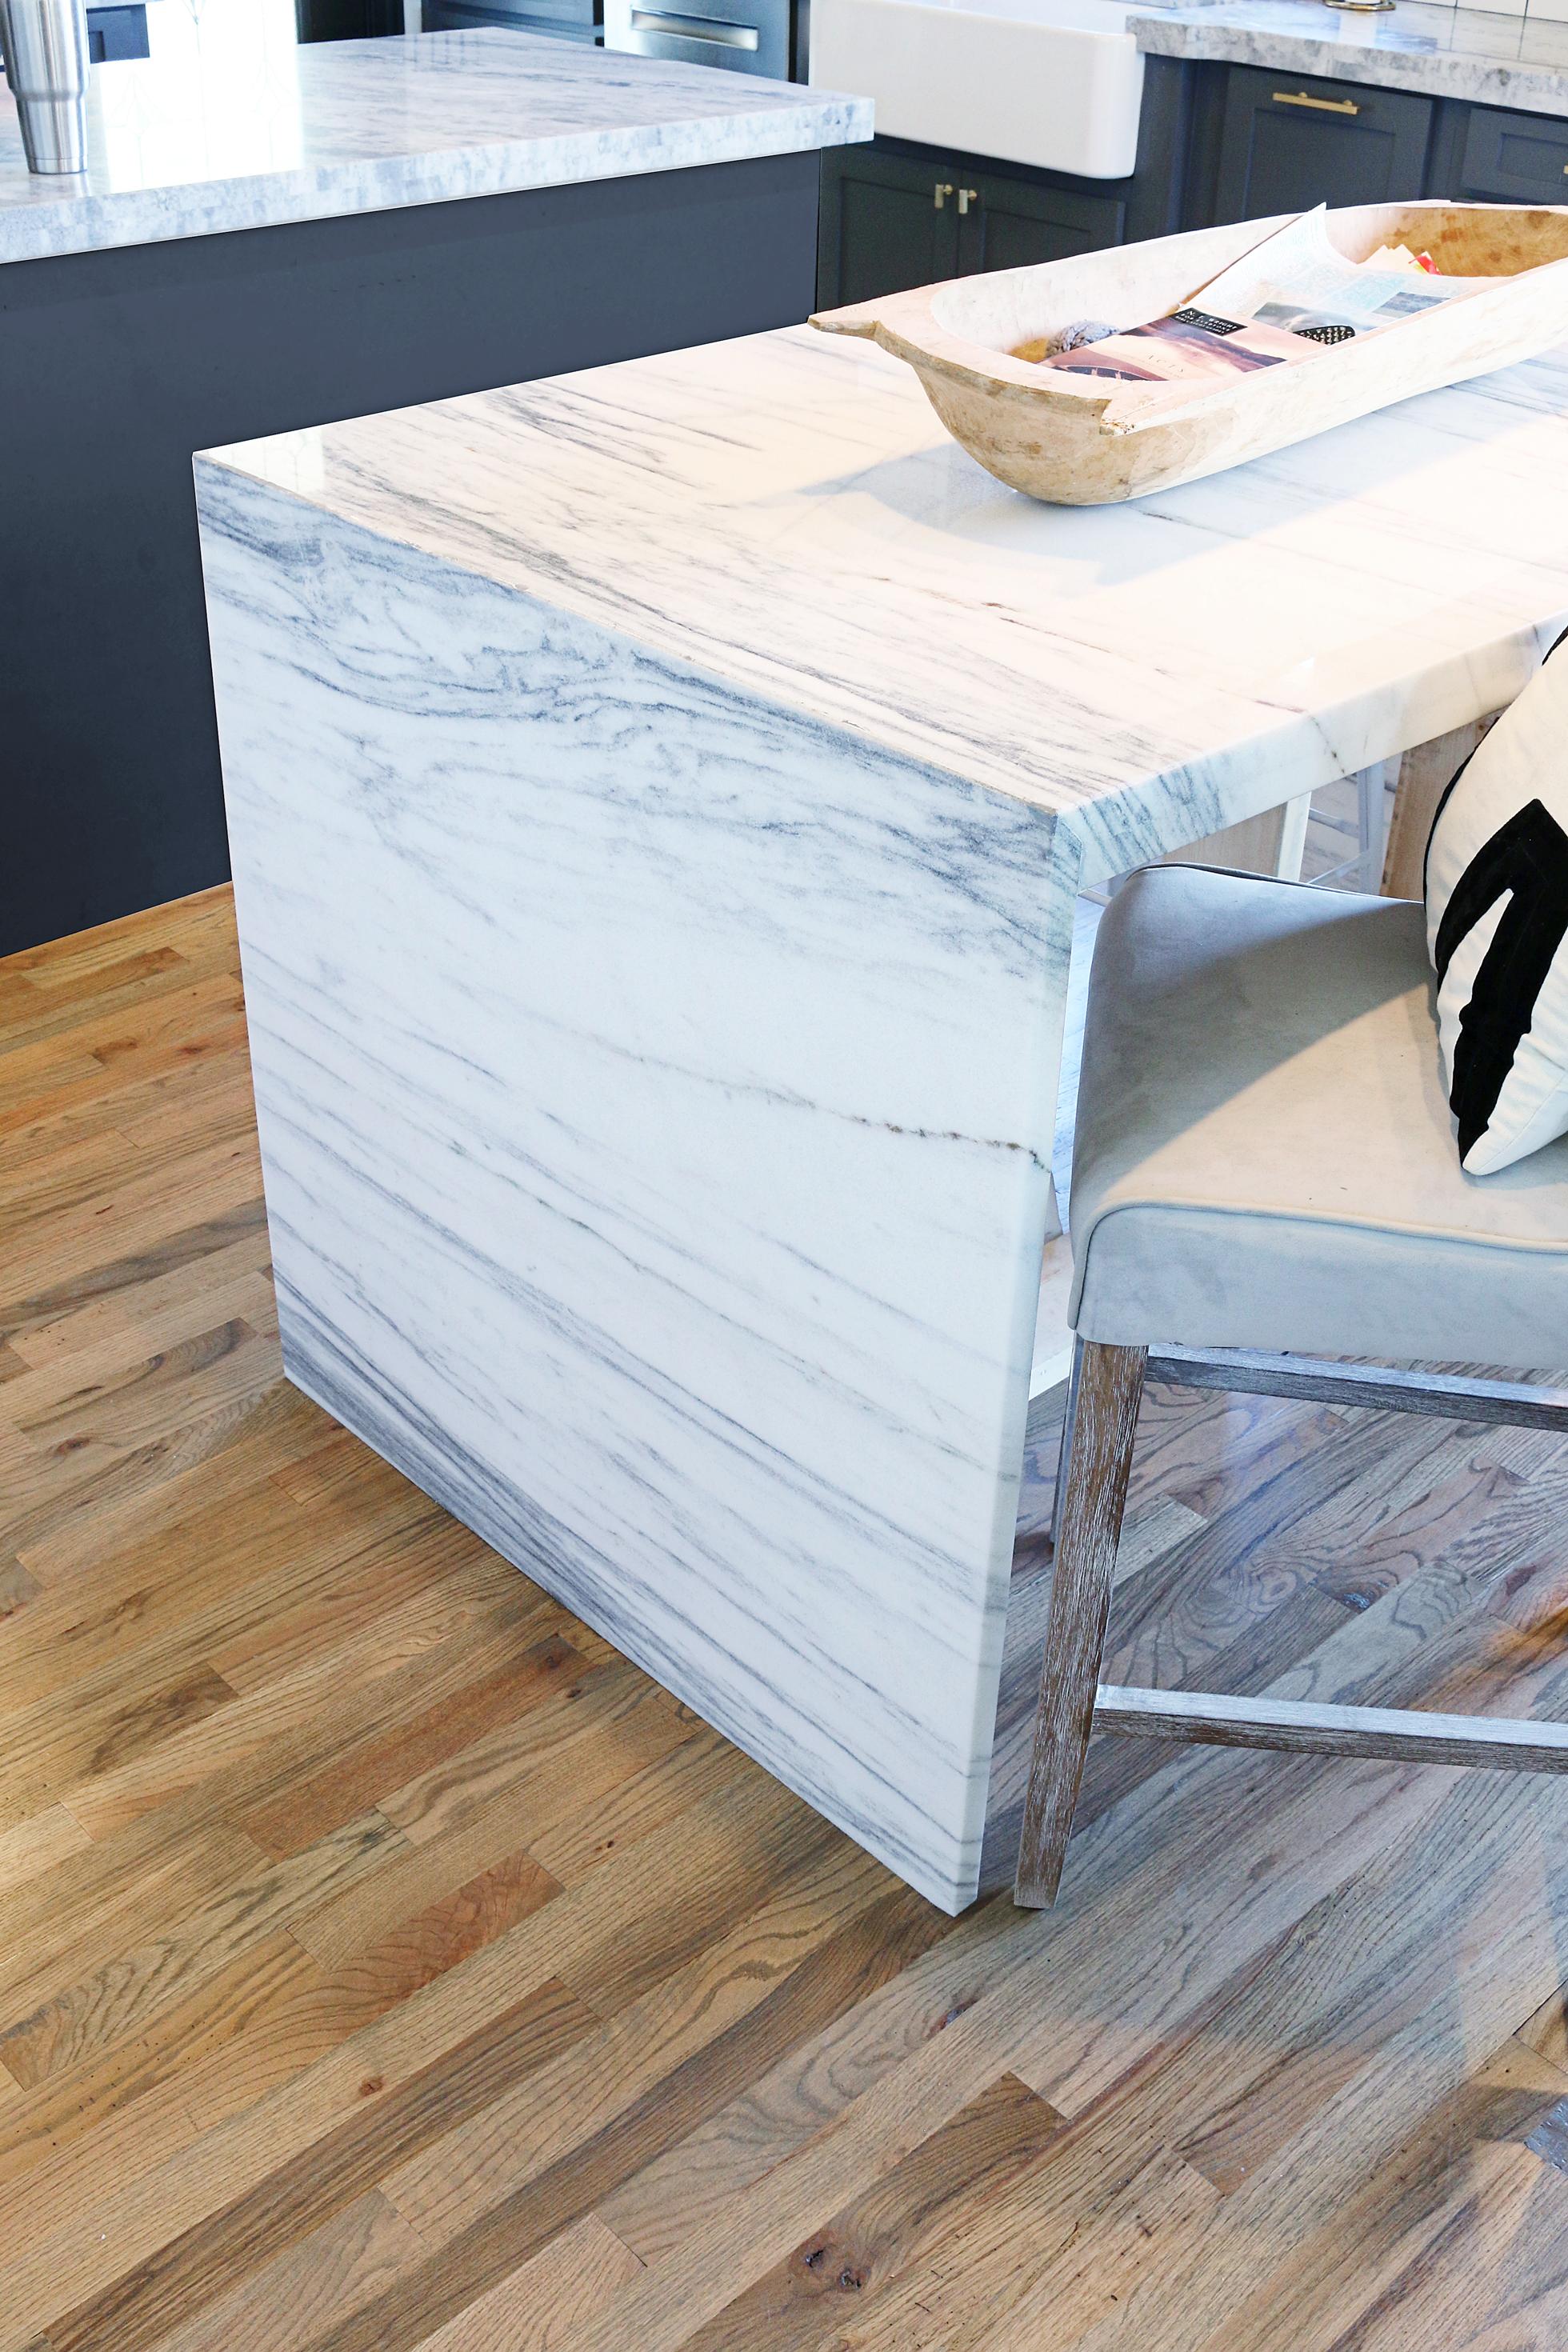 Gray kitchen countertops with wood floor